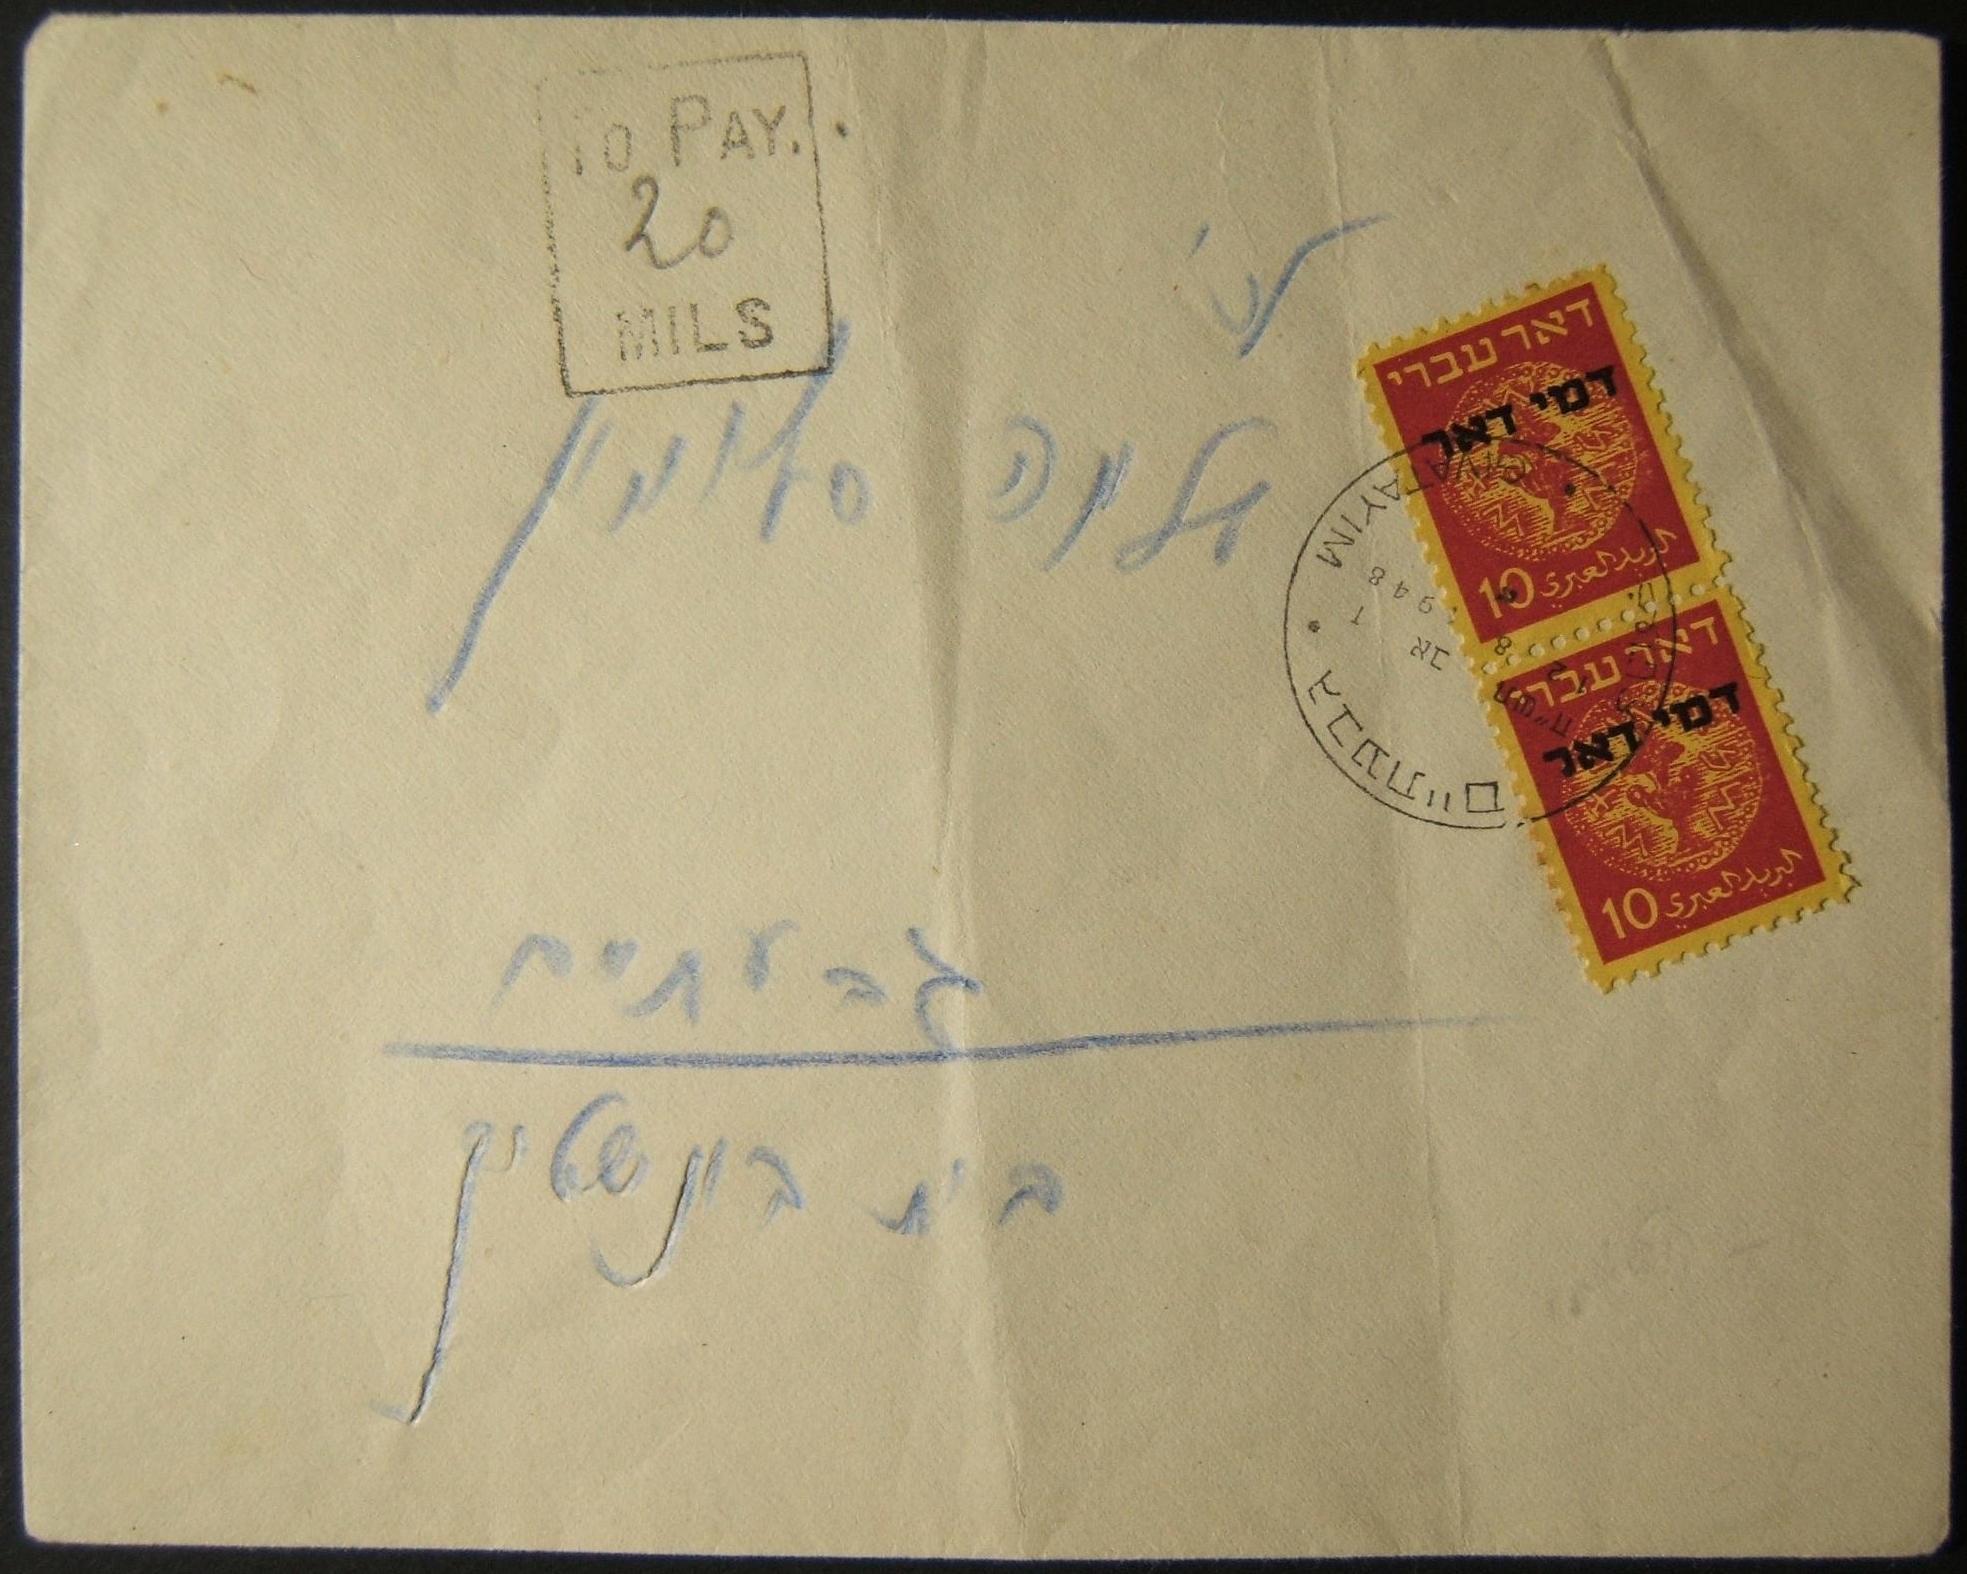 12-8-1948 דואר גבעתיים נשלח לא מסופק ומס באמצעות 2x 10m דמי דמי בולים